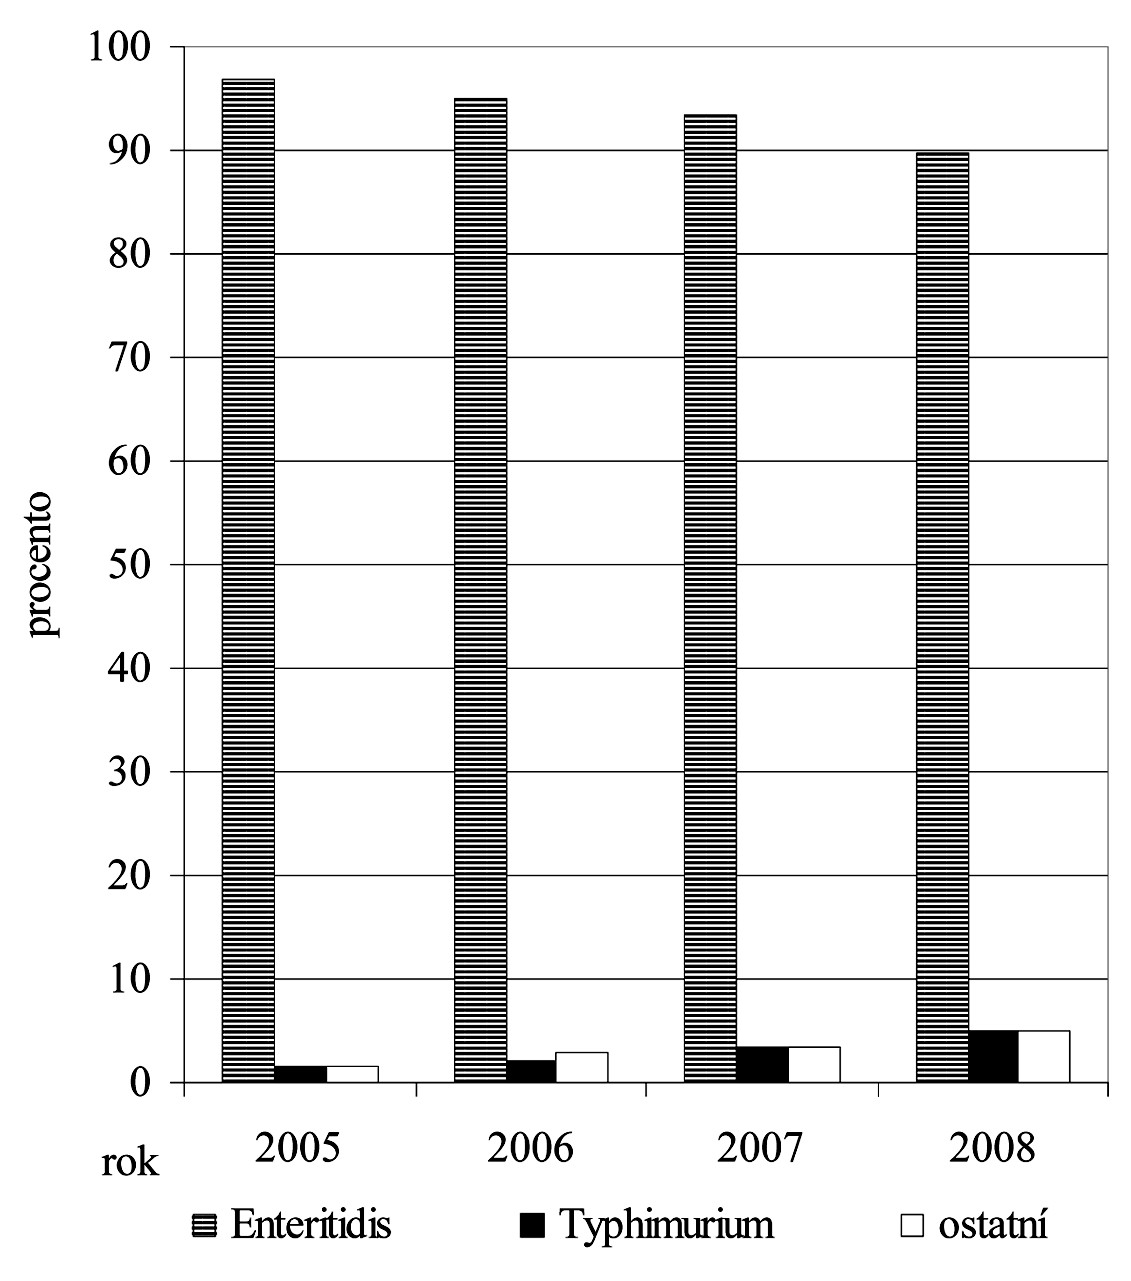 Trendy zastoupení vybraných sérotypů u hlášených onemocnění salmonelózou v letech 2005-2008 (1.-34. týden) (zdroj EPIDAT) Fig. 1. Trends in the incidence of selected serotypes in reported cases of salmonellosis in 2005-2008 (weeks 1-34) (source EPIDAT)